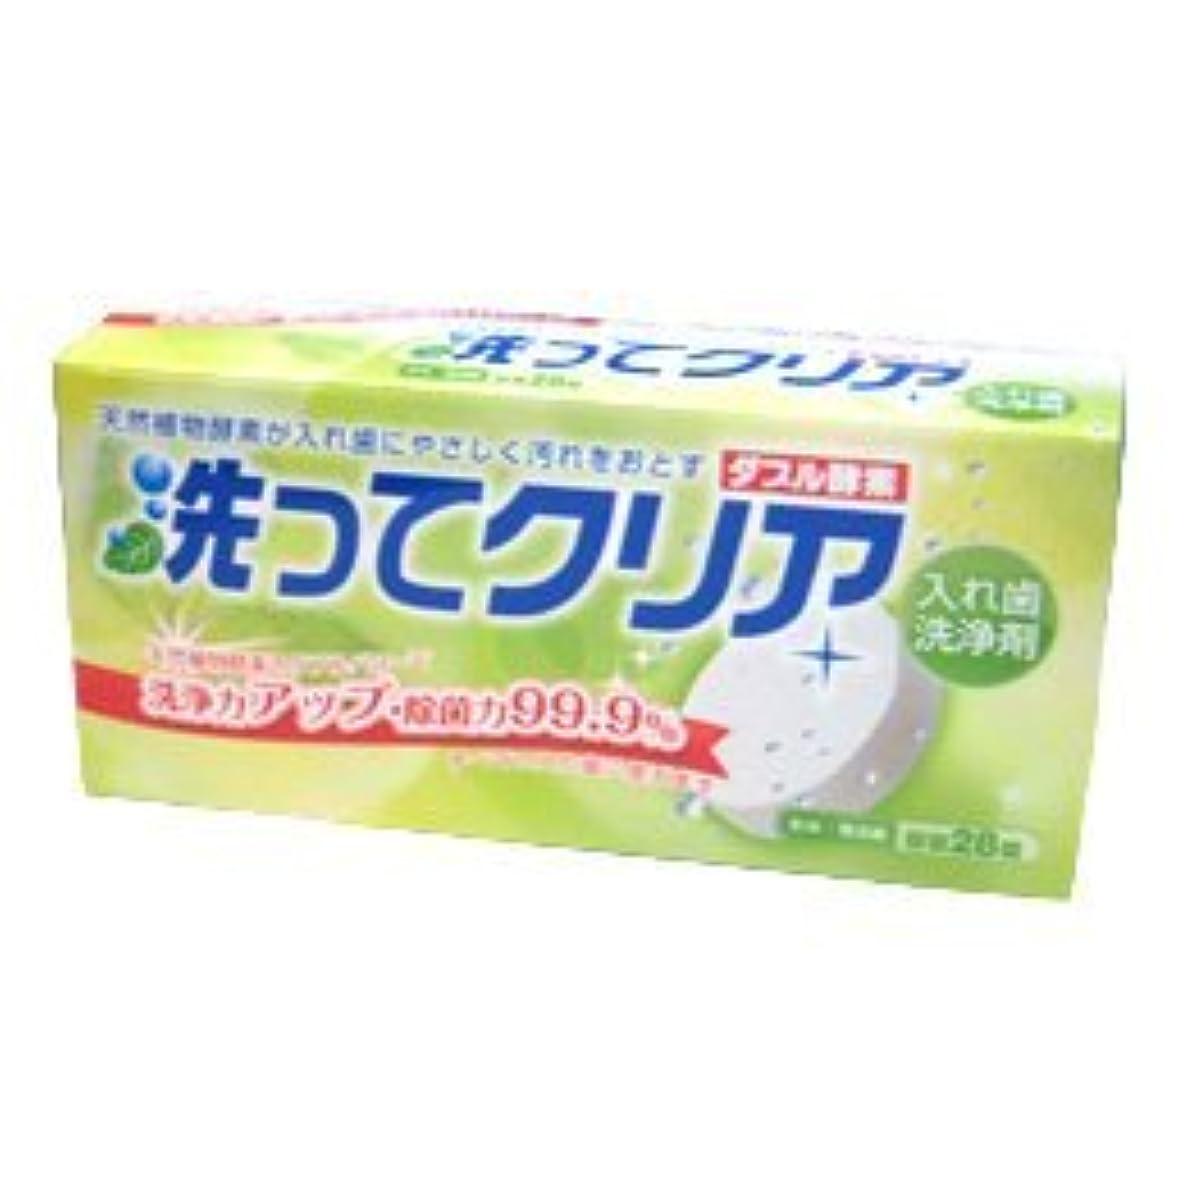 タービン母性カンガルー東伸洋行株式会社 洗ってクリア ダブル酵素 28錠 入れ歯洗浄剤